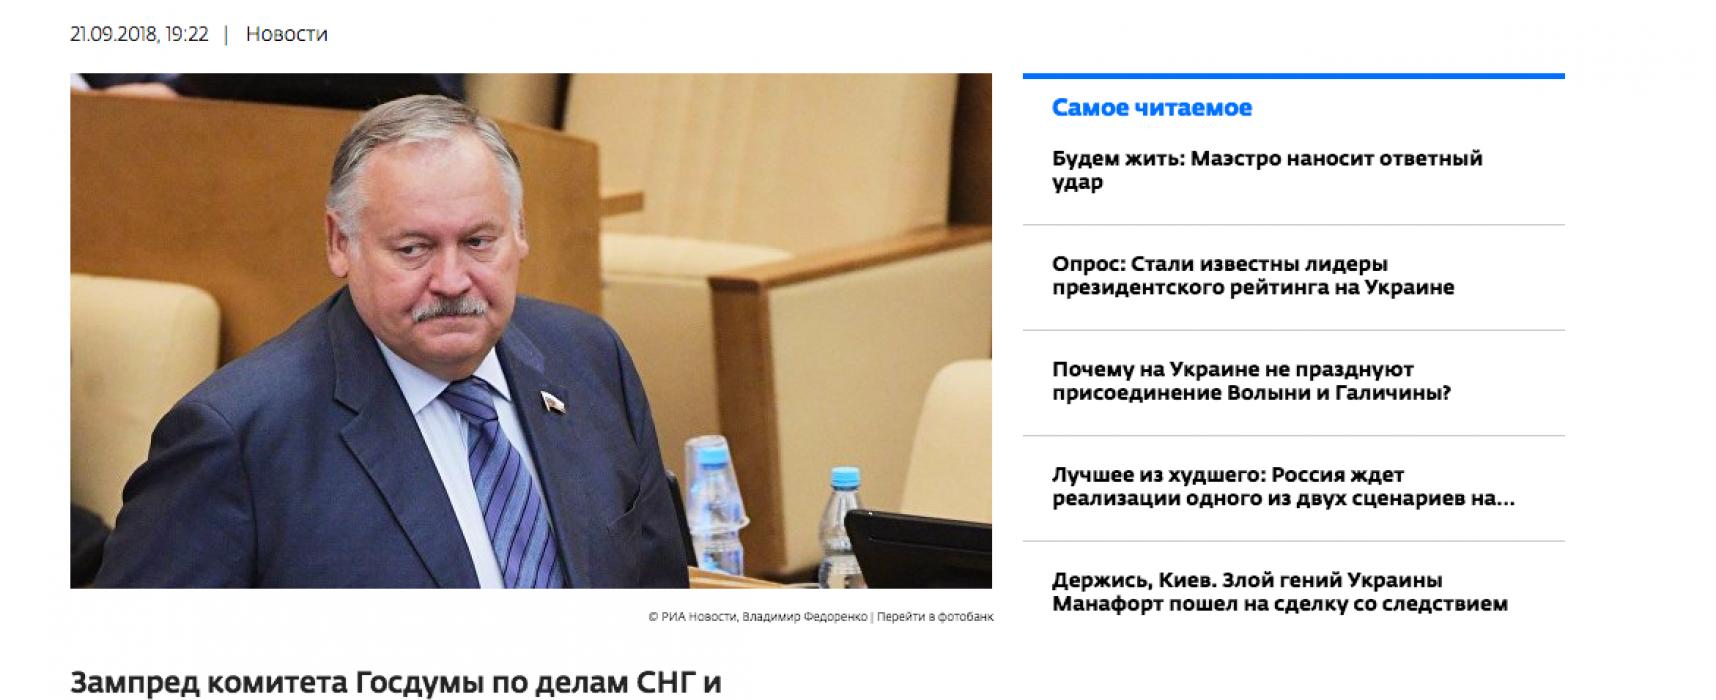 Фейк: Київ відмовився від Криму і Севастополя